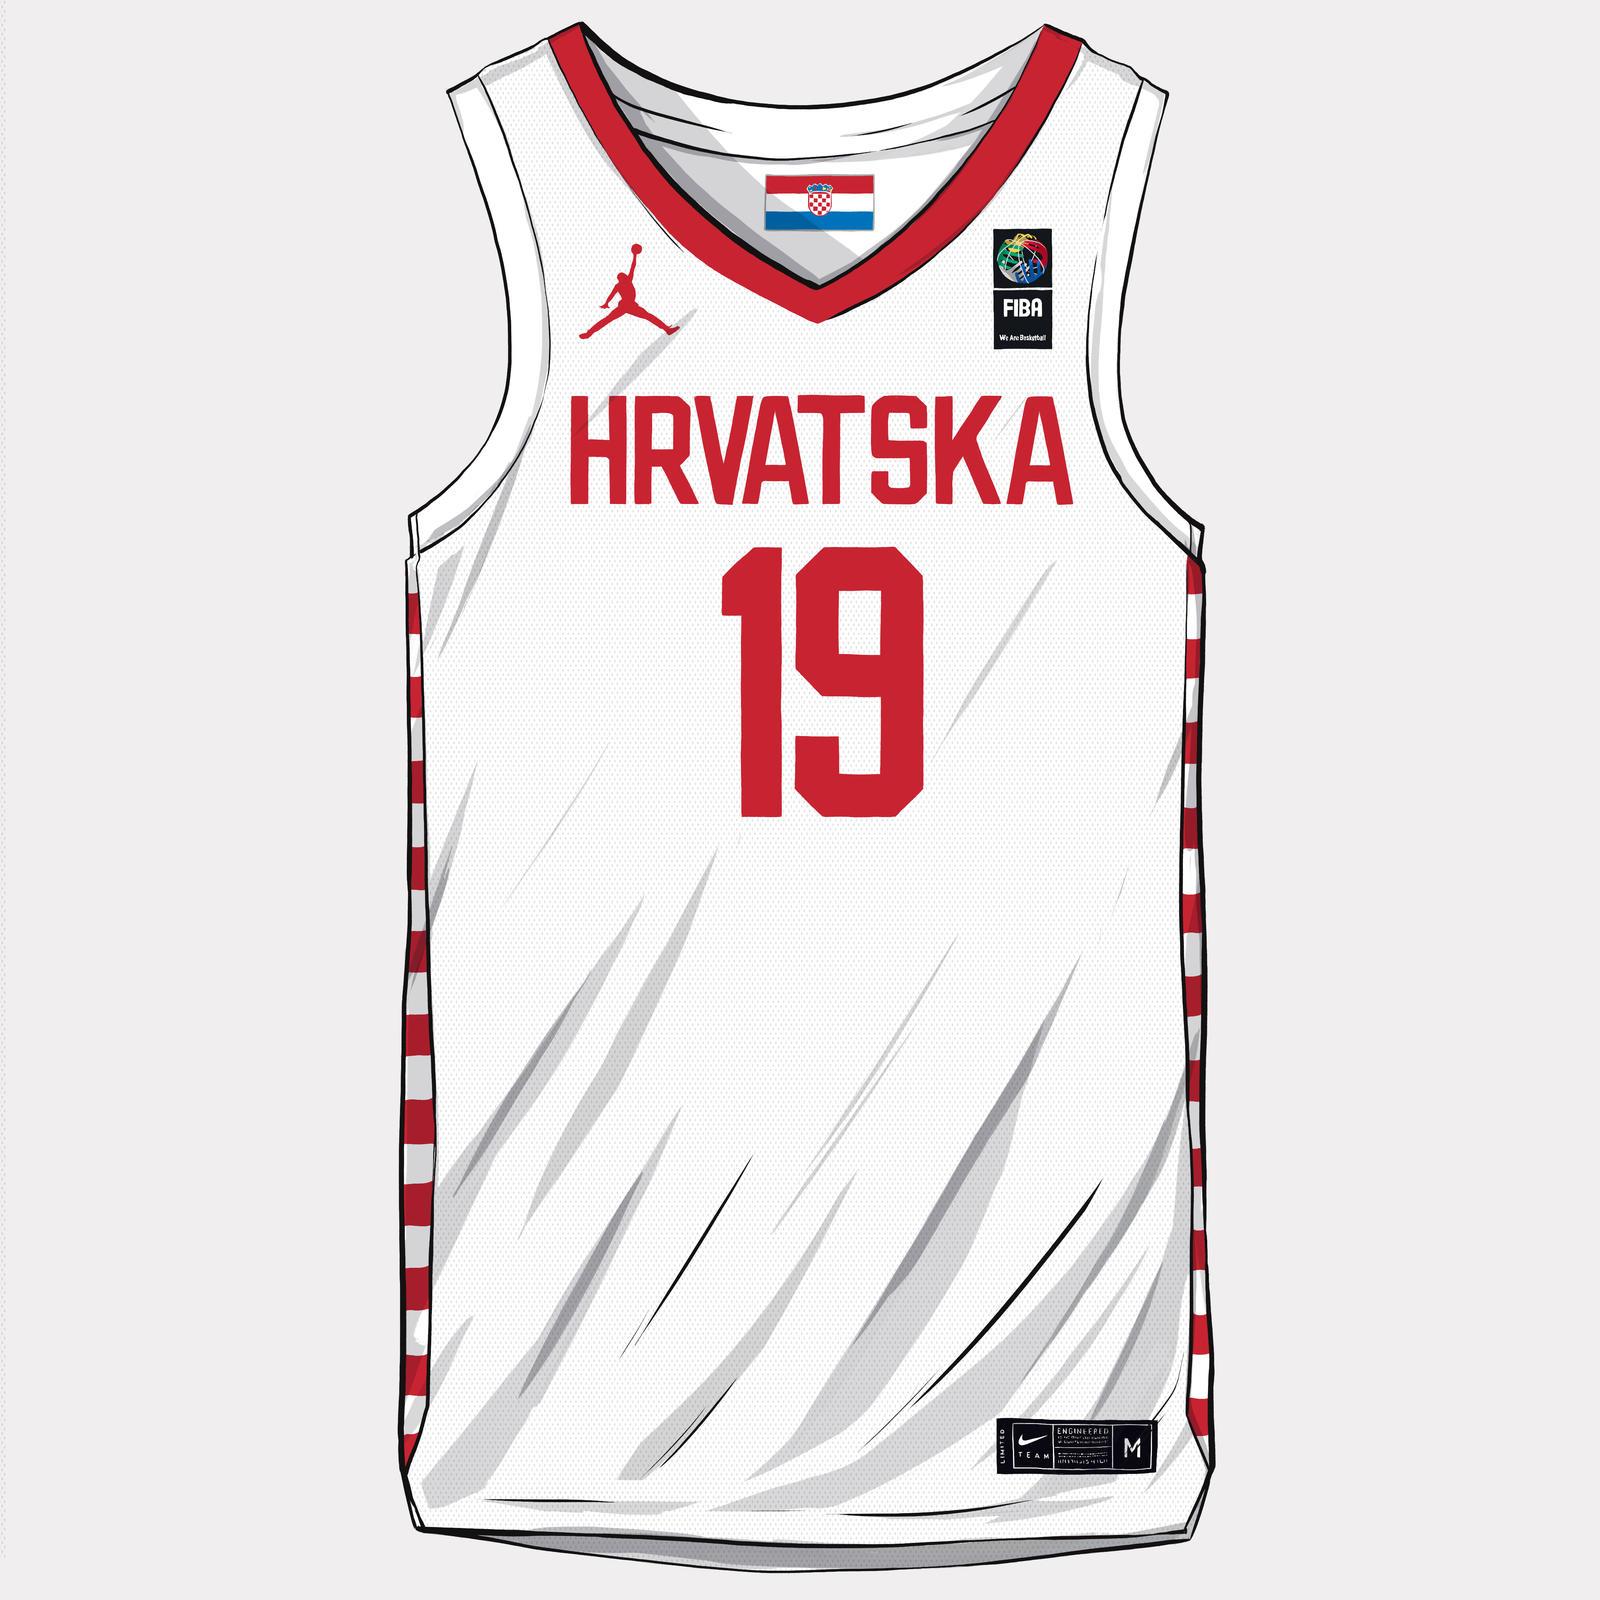 nike-news-croatia-national-team-kit-2019-illustration-1x1_2_89523.jpg